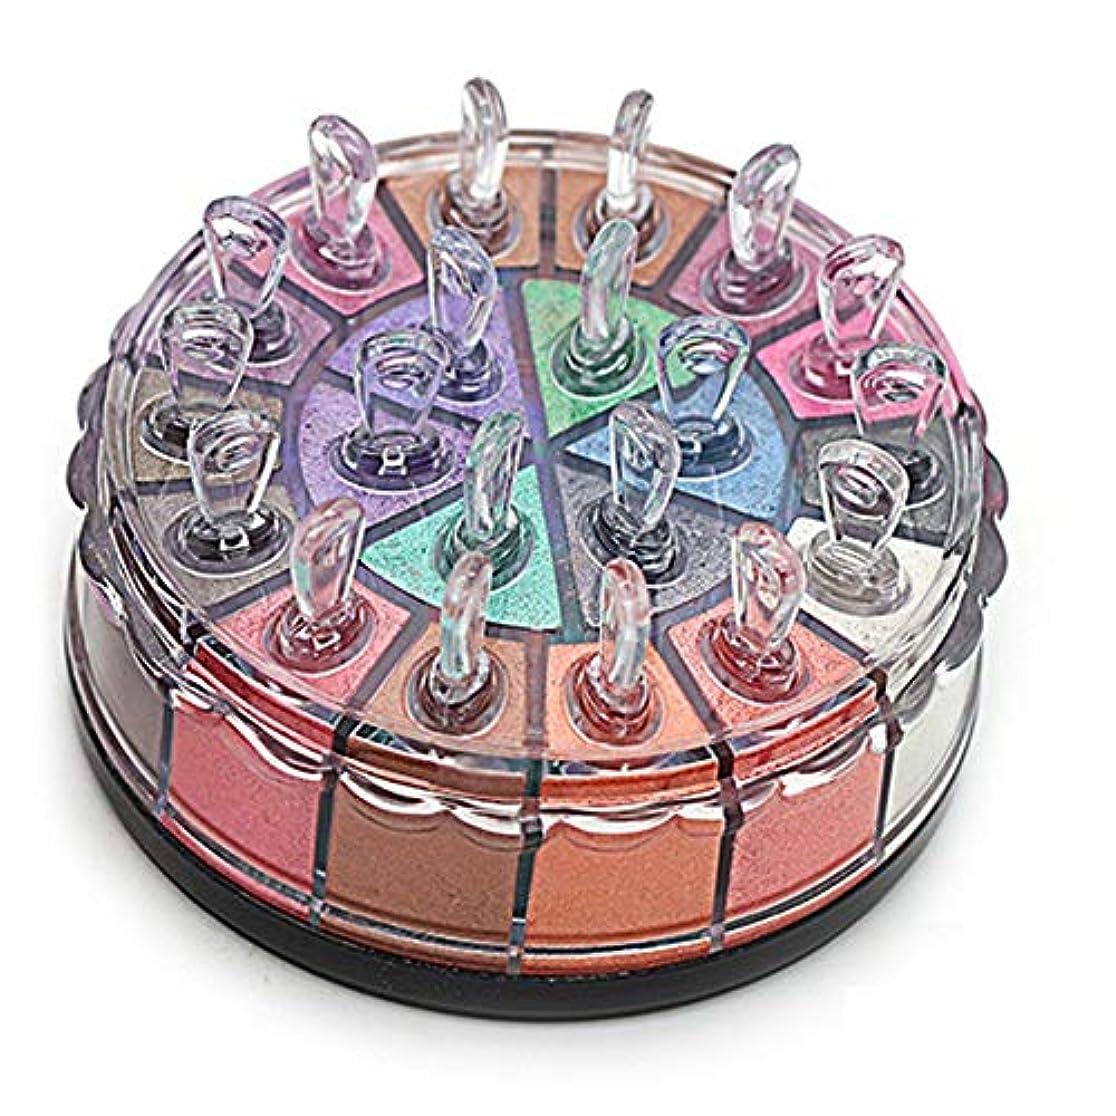 第九吐き出す道に迷いましたAkane アイシャドウパレット INS 人気 ファッション 超便利 キラキラ 欧米風 綺麗 可愛い 高級 つや消し マット Eye Shadow (20色)